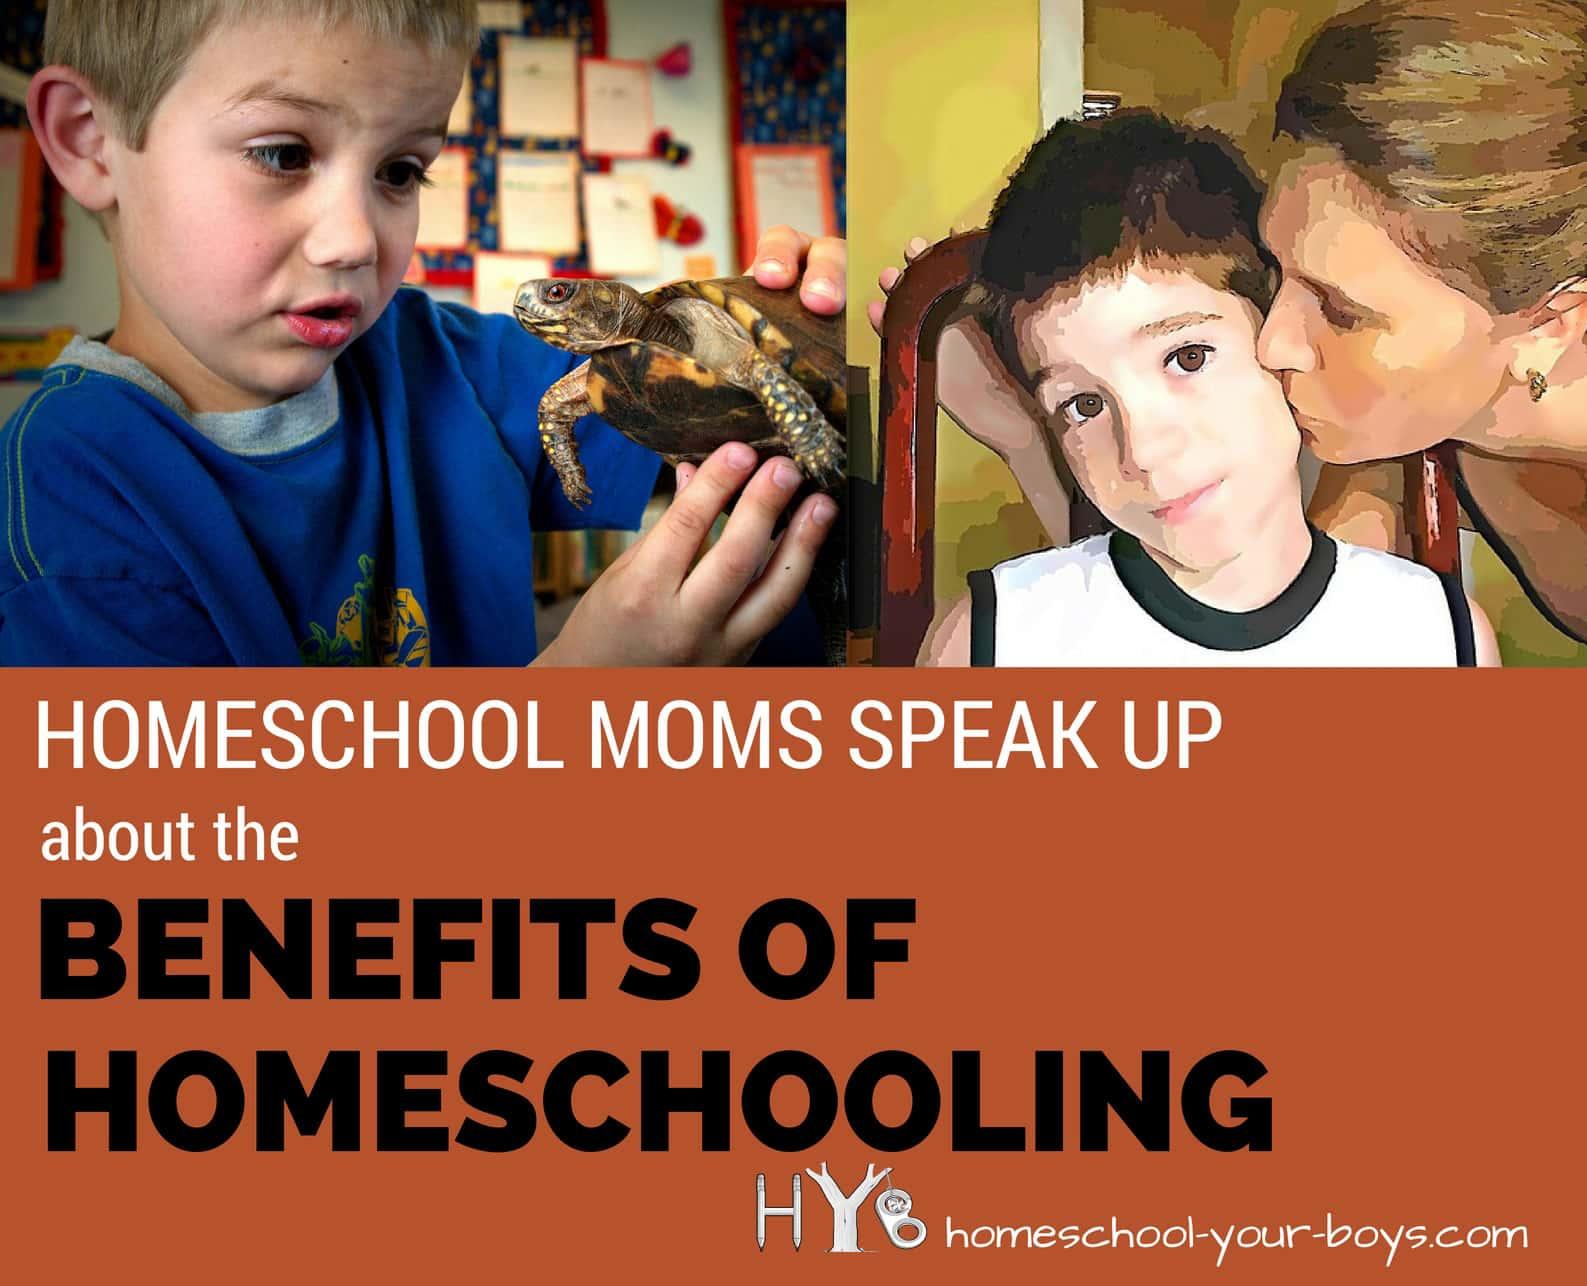 Homeschool Moms Speak Up About the Benefits of Homeschooling